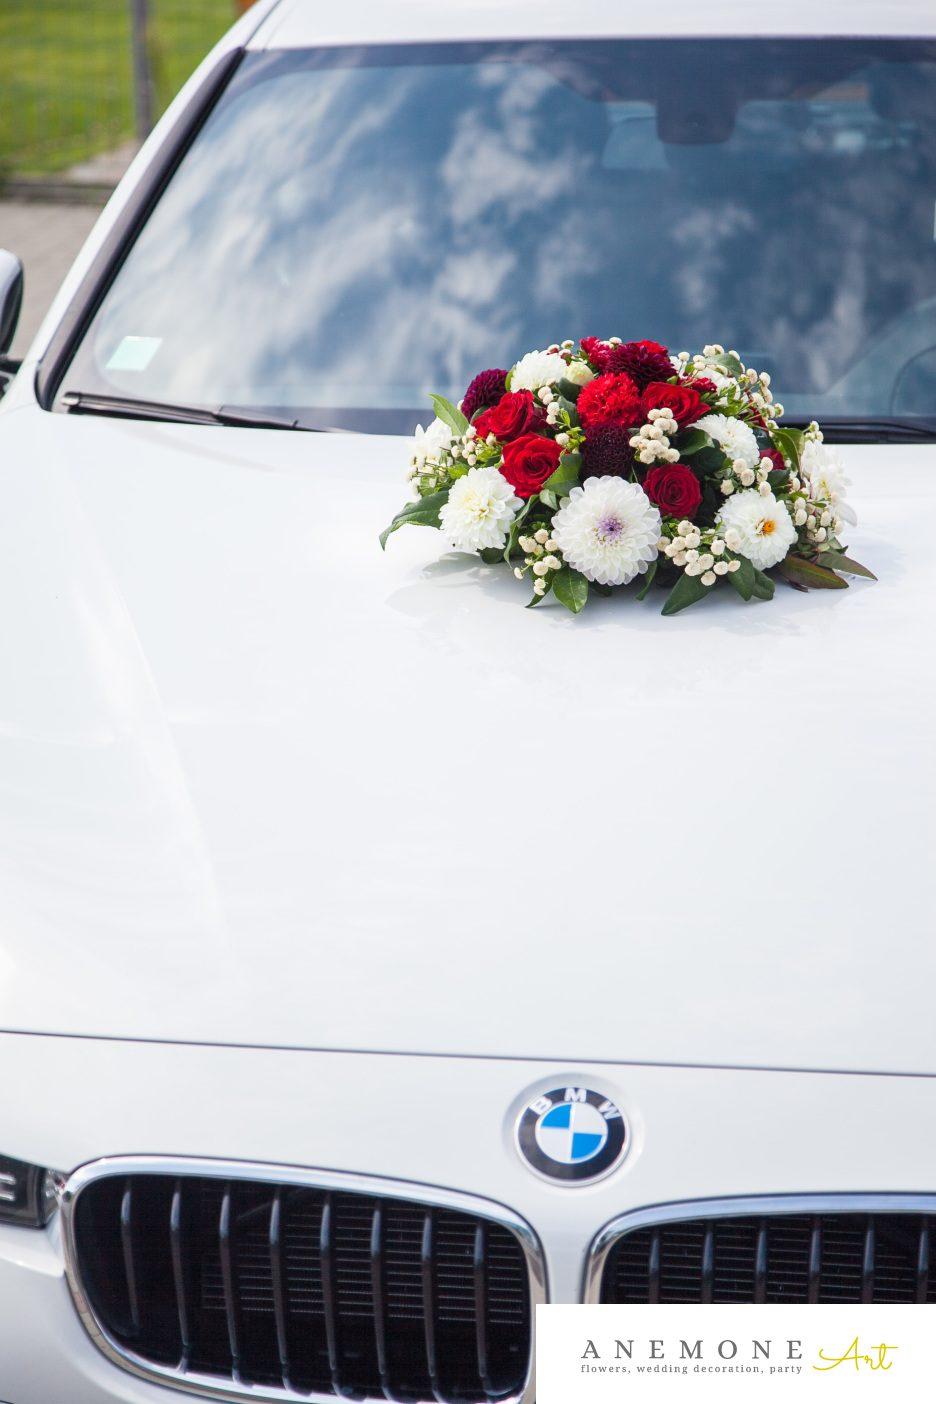 Poza, foto cu Flori de nunta decor masina, rosu in Arad, Timisoara, Oradea (wedding flowers, bouquets) nunta Arad, Timisoara, Oradea